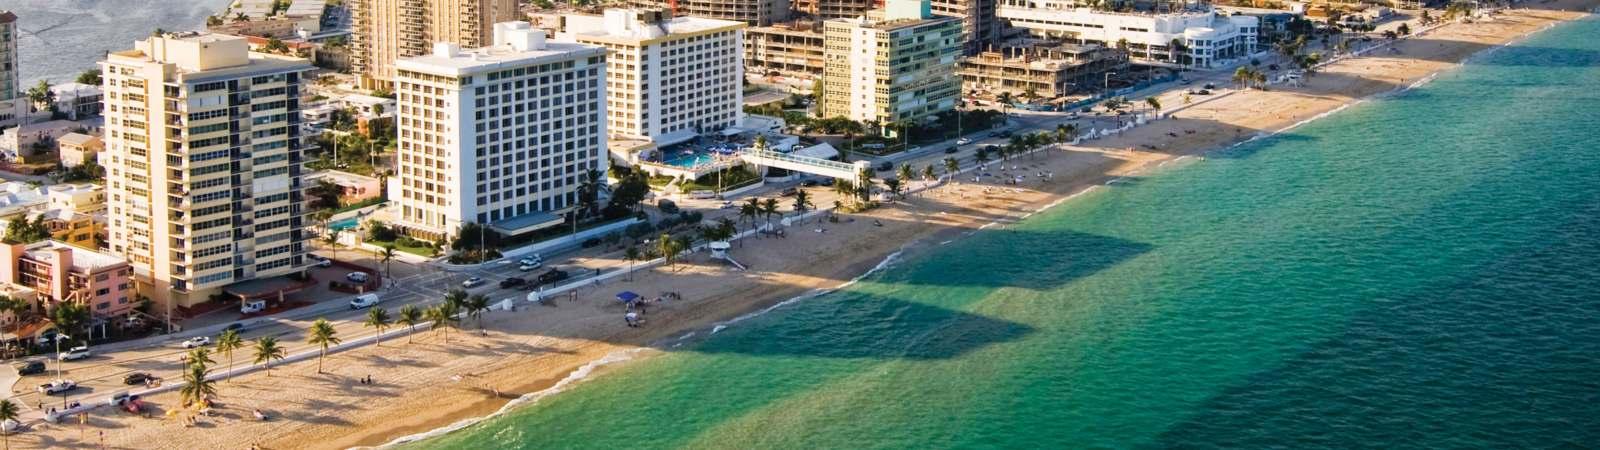 Car Rental Fort Lauderdale Airport Fll Big Savings